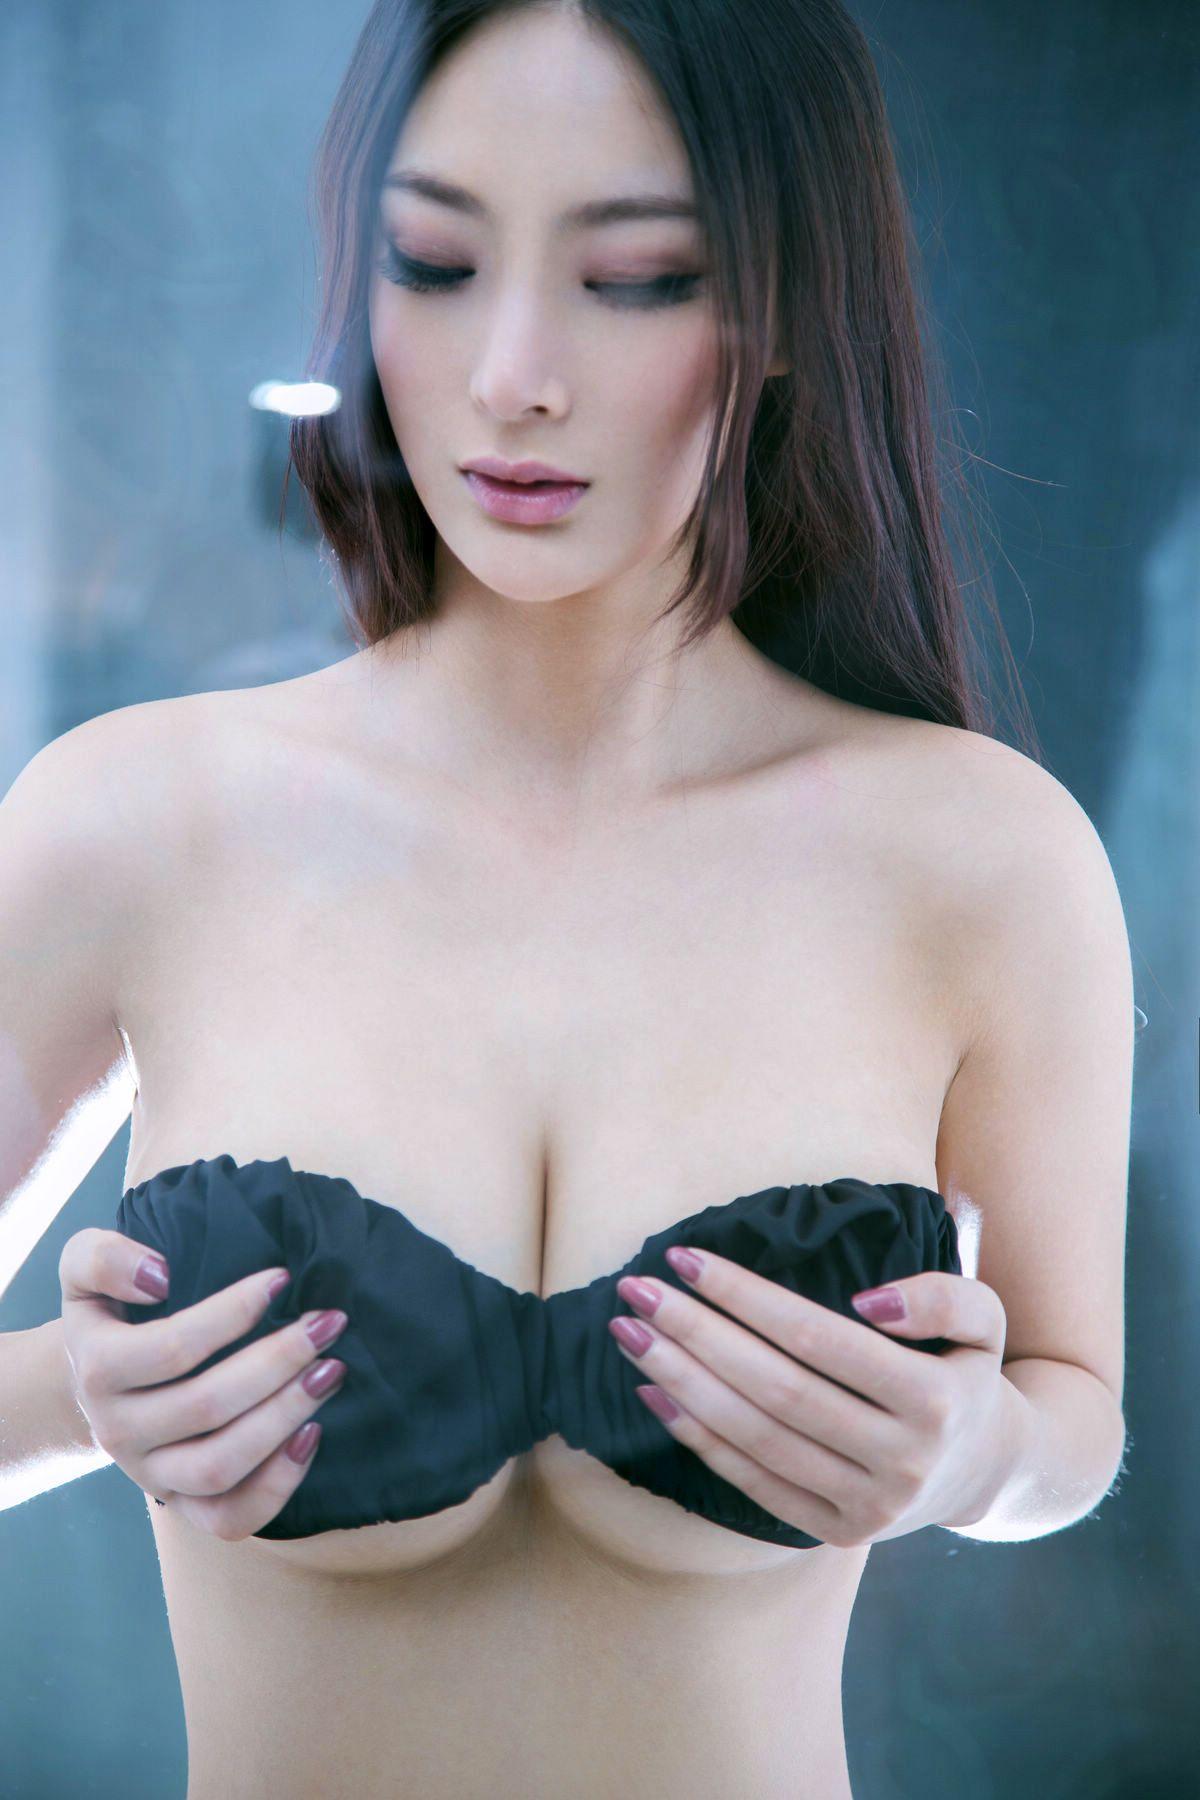 Daniella wang lin dan naked girl